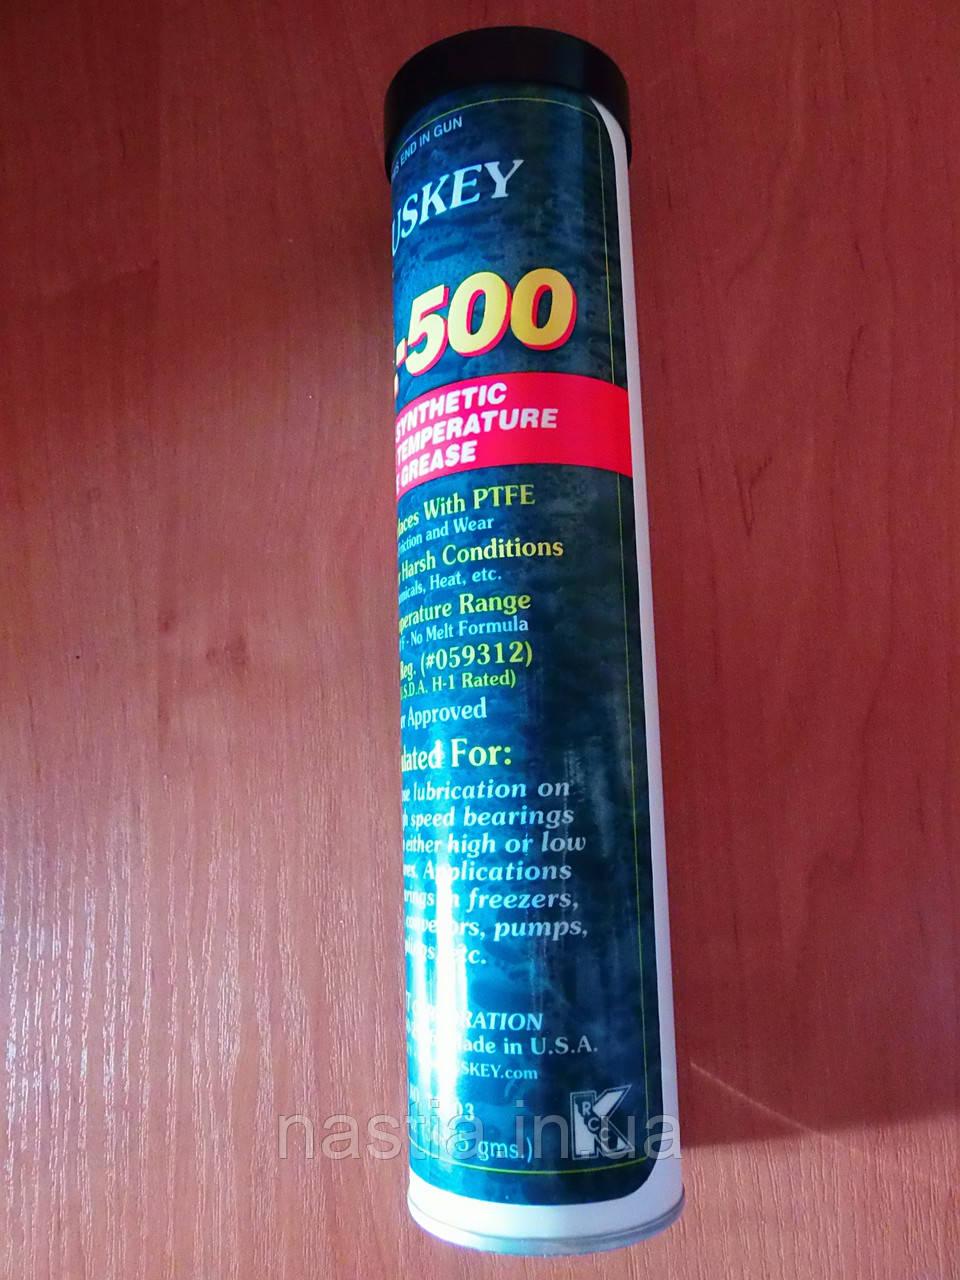 HTL-500 Силіконова змазка(-75 до 500 градусів), 368,5г